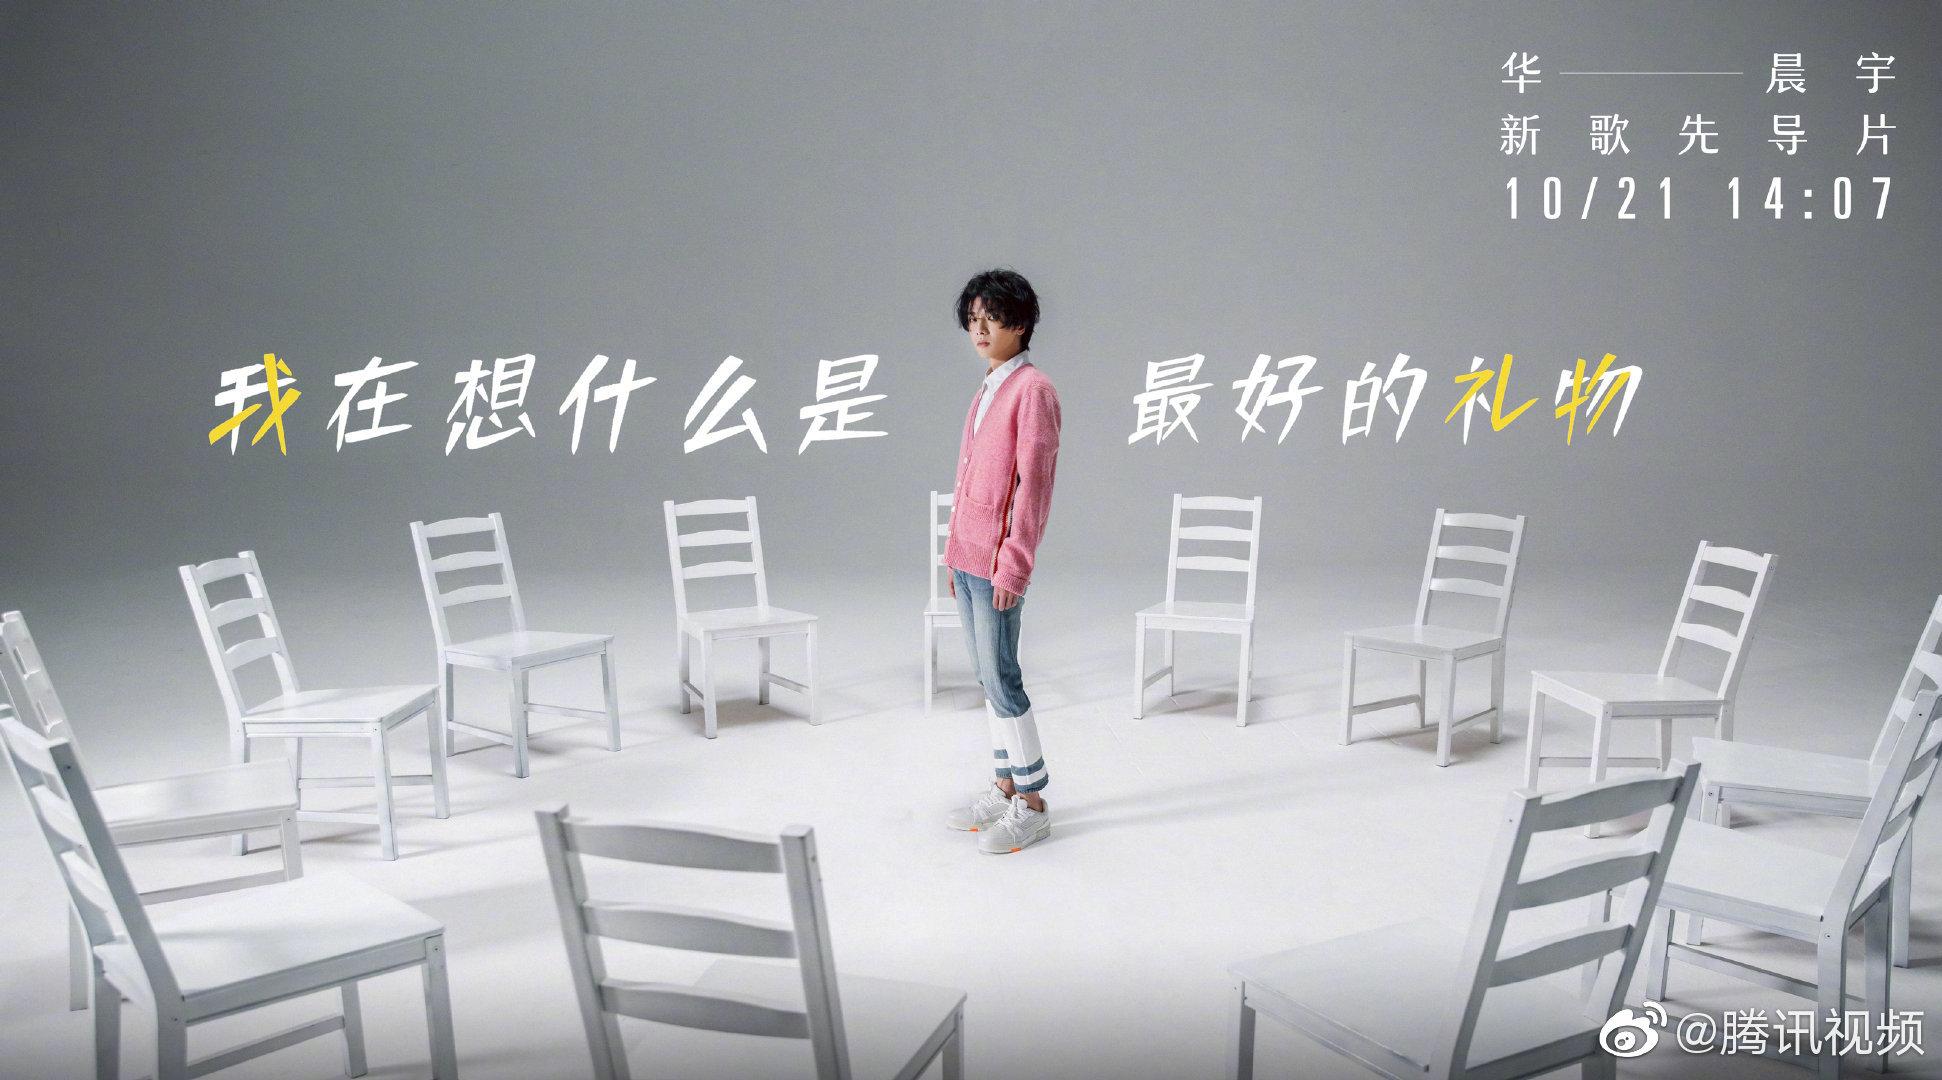 华晨宇新歌预热海报发布;我在想什么是最好的礼物……@华晨宇yu